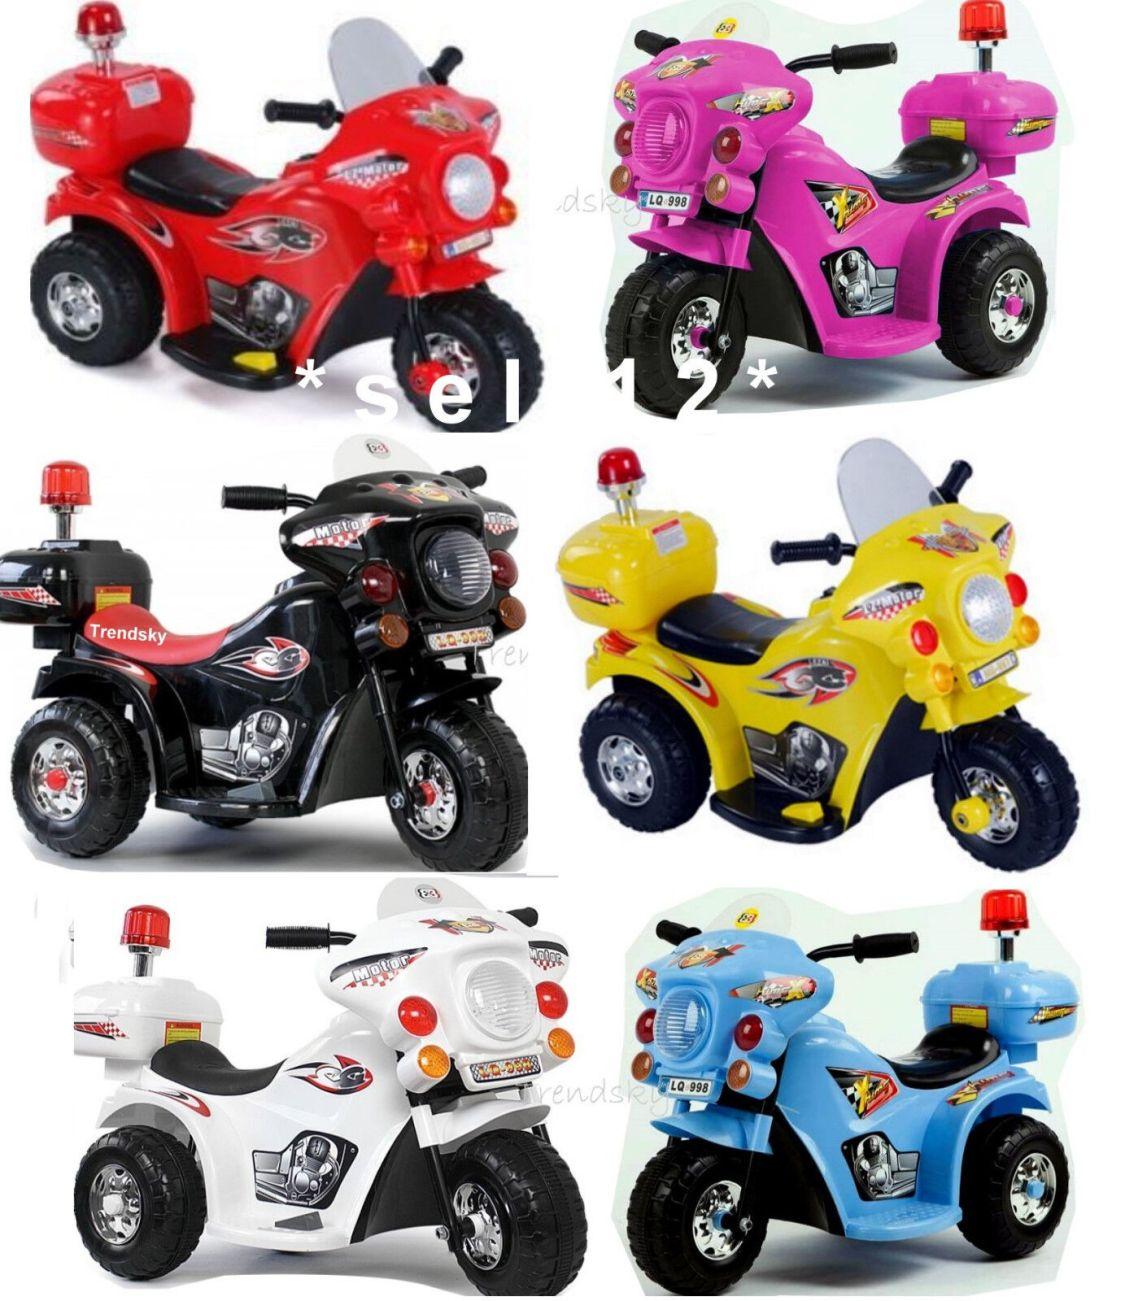 Kinder Elektro Polizei Motorrad Fahrzeug Kindermotorrad Akku Kid Elektromotorrad